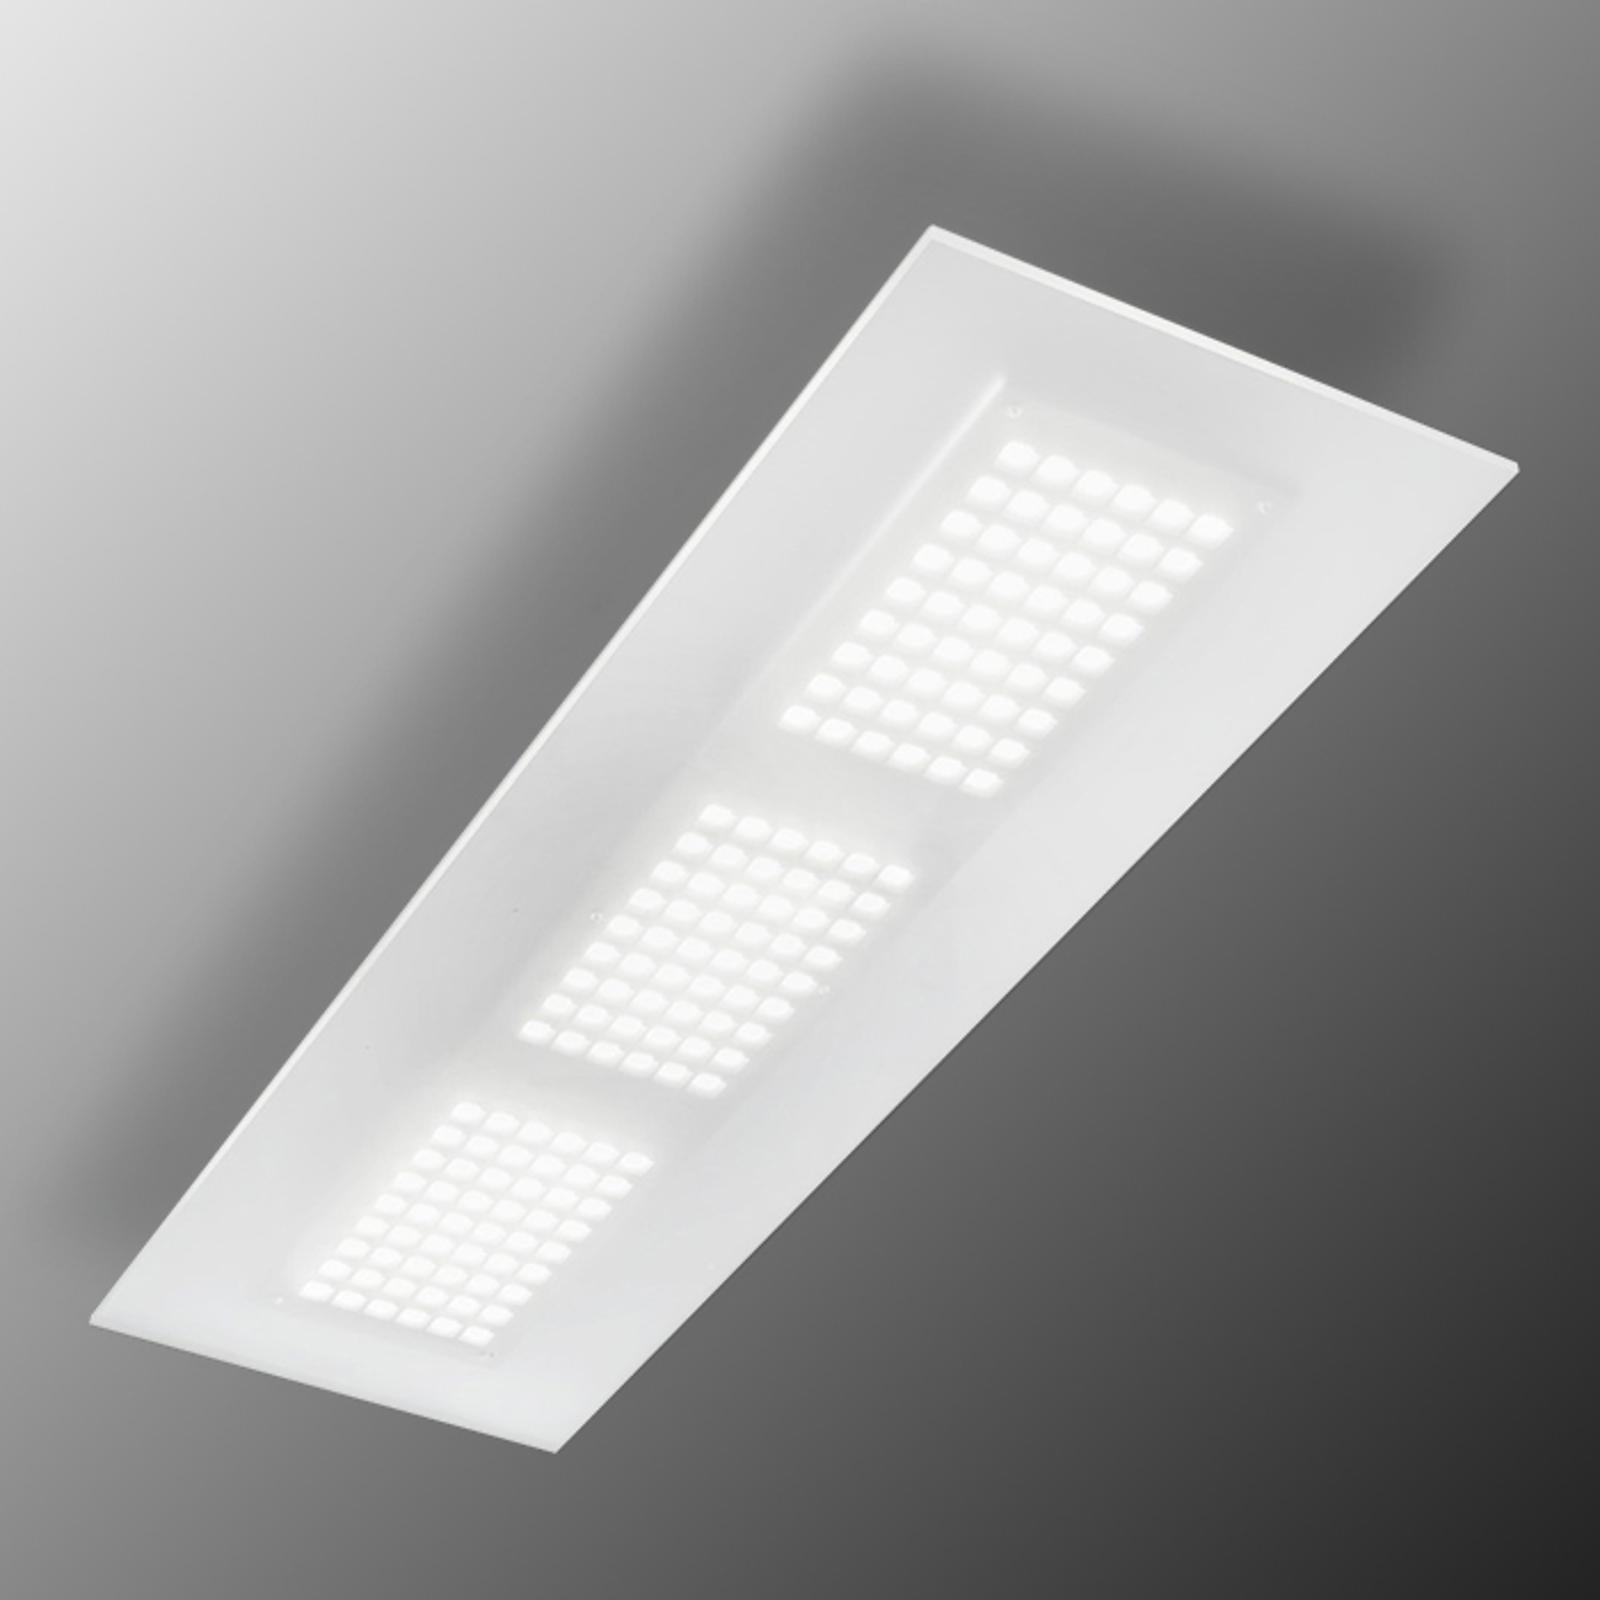 Dublight lyssterk LED-taklampe